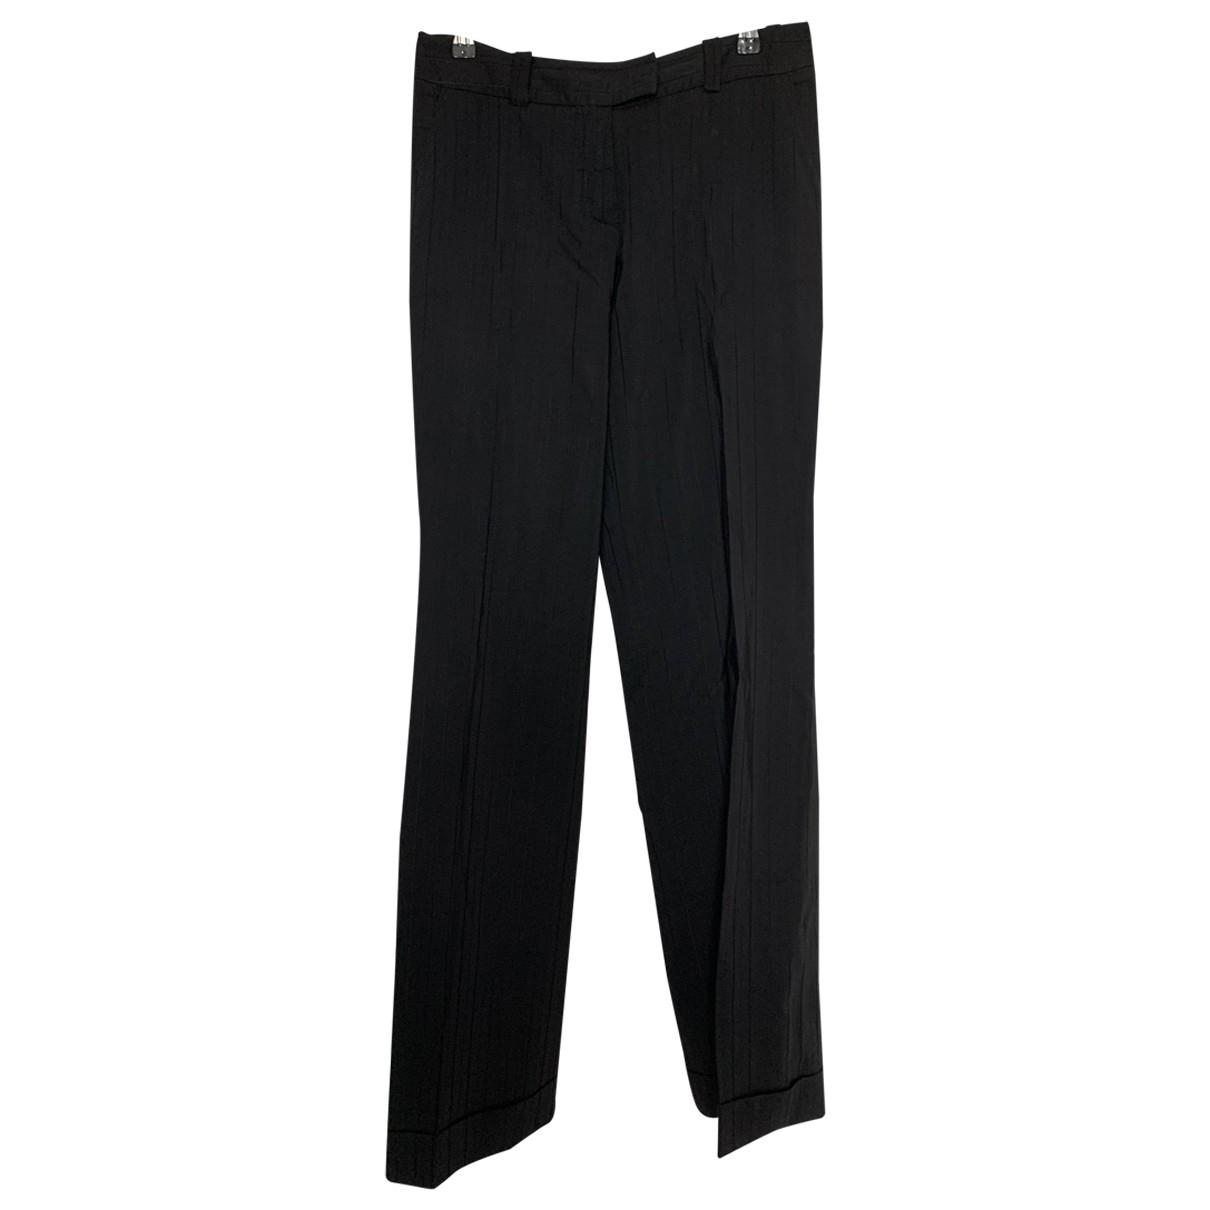 Pantalon recto Dior